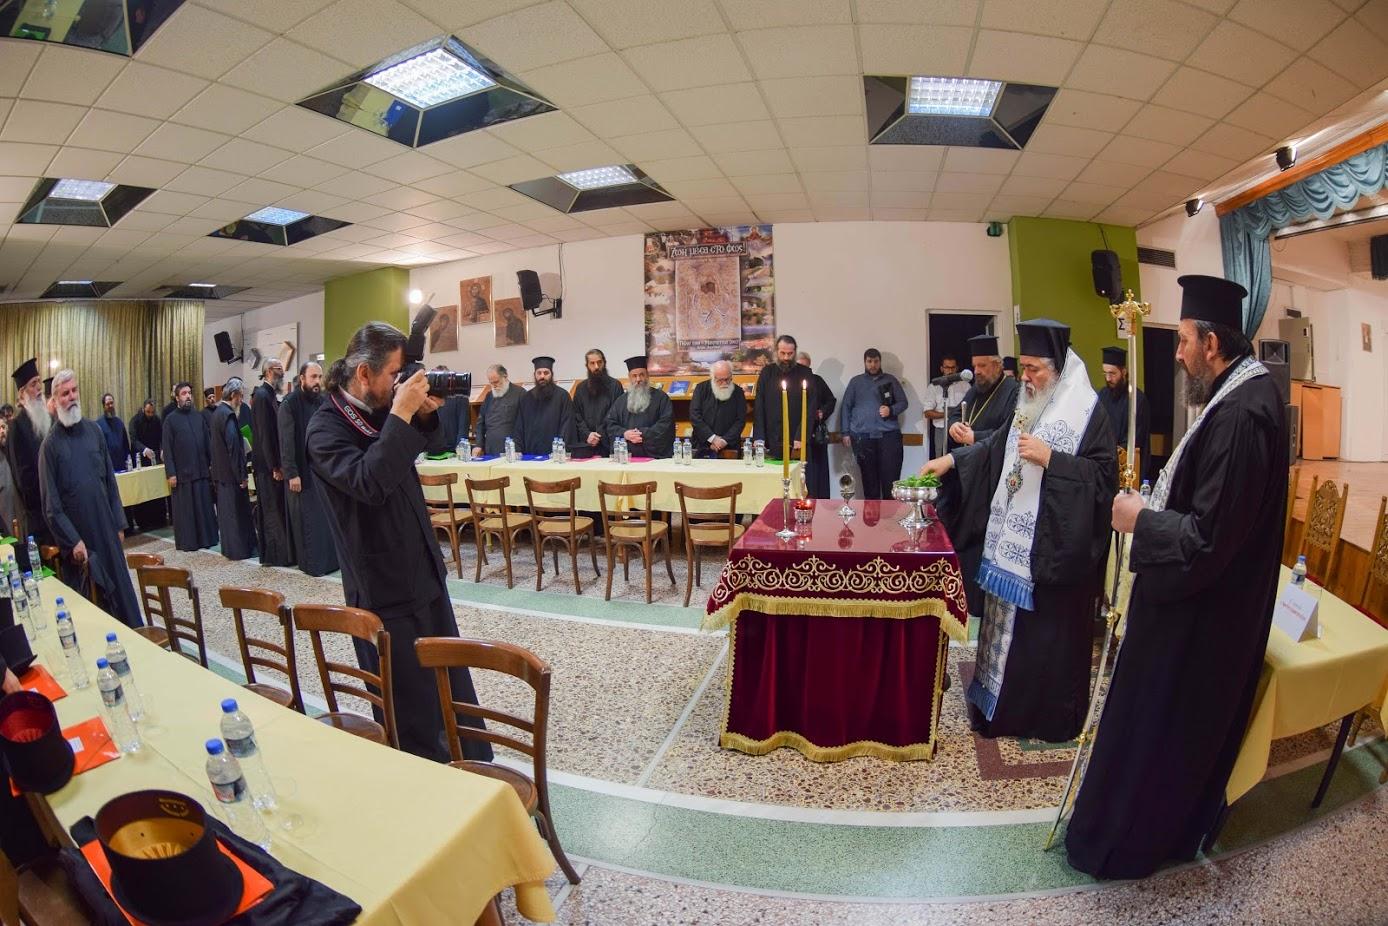 Επιμορφωτικό Σεμινάριο ιερέων της Ιεράς Μητροπόλεως στον Εύοσμο